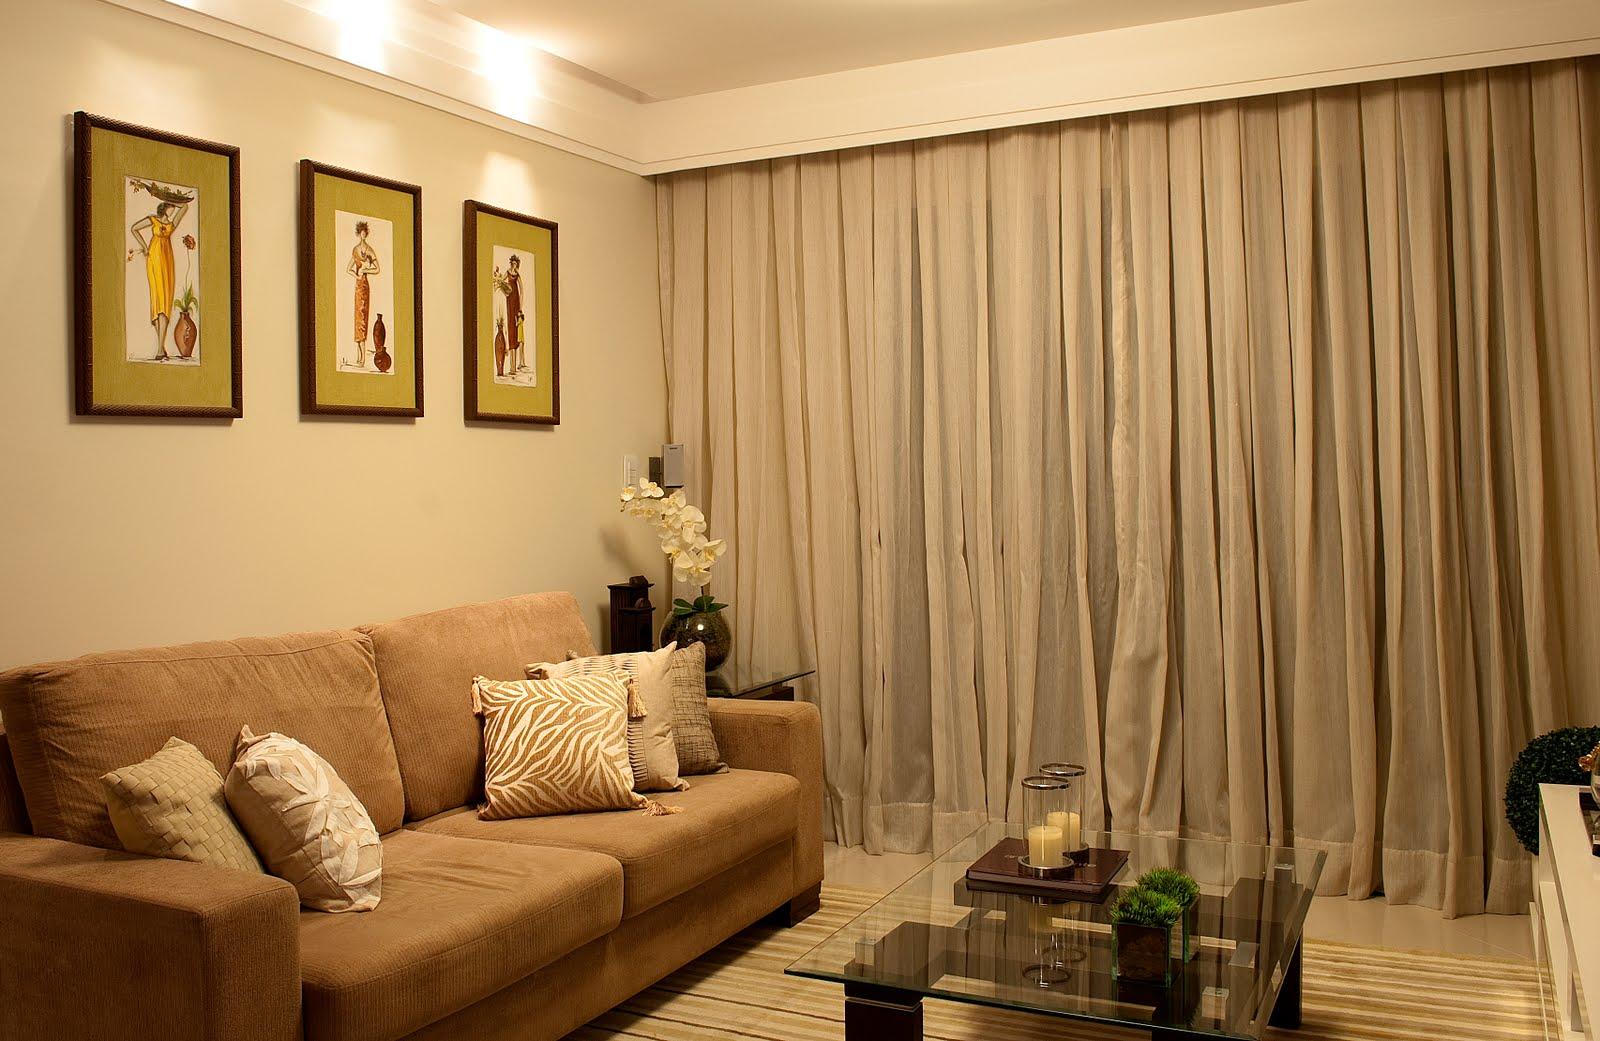 Cortinas para sala fotos de modelos bonitos  Moda e ConfortoModa e Conforto